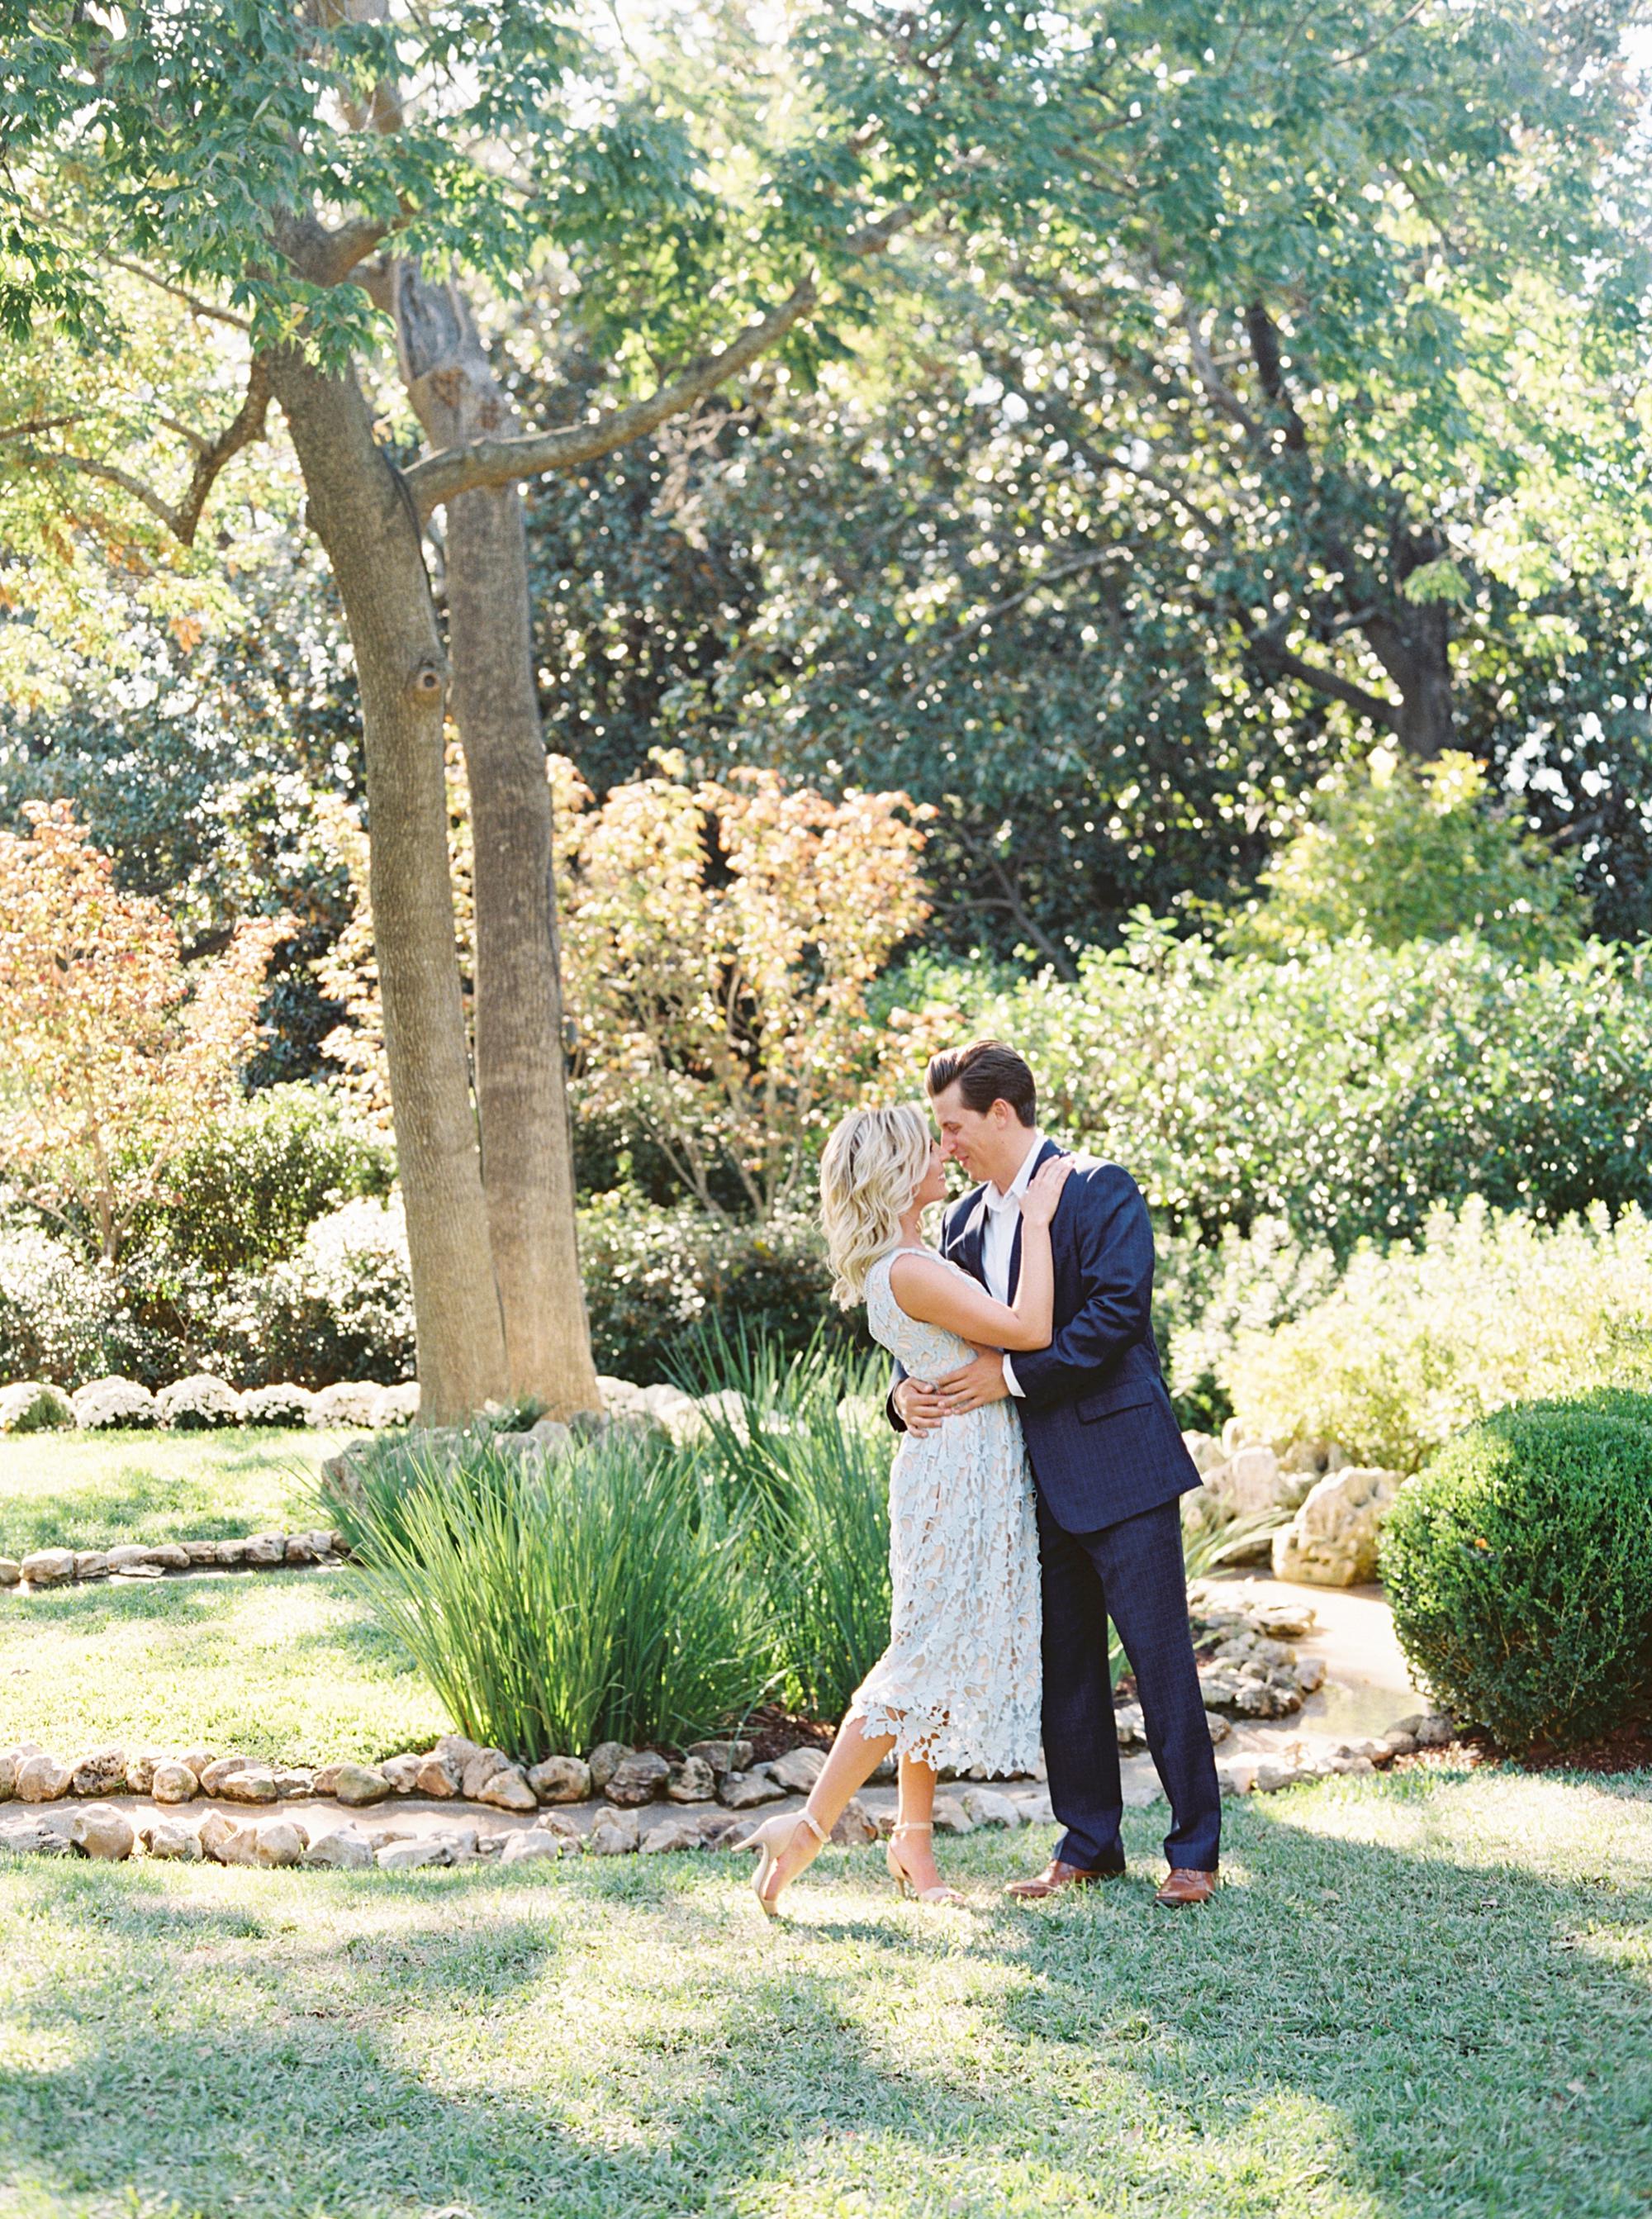 Dallas Arboretum Engagement Session